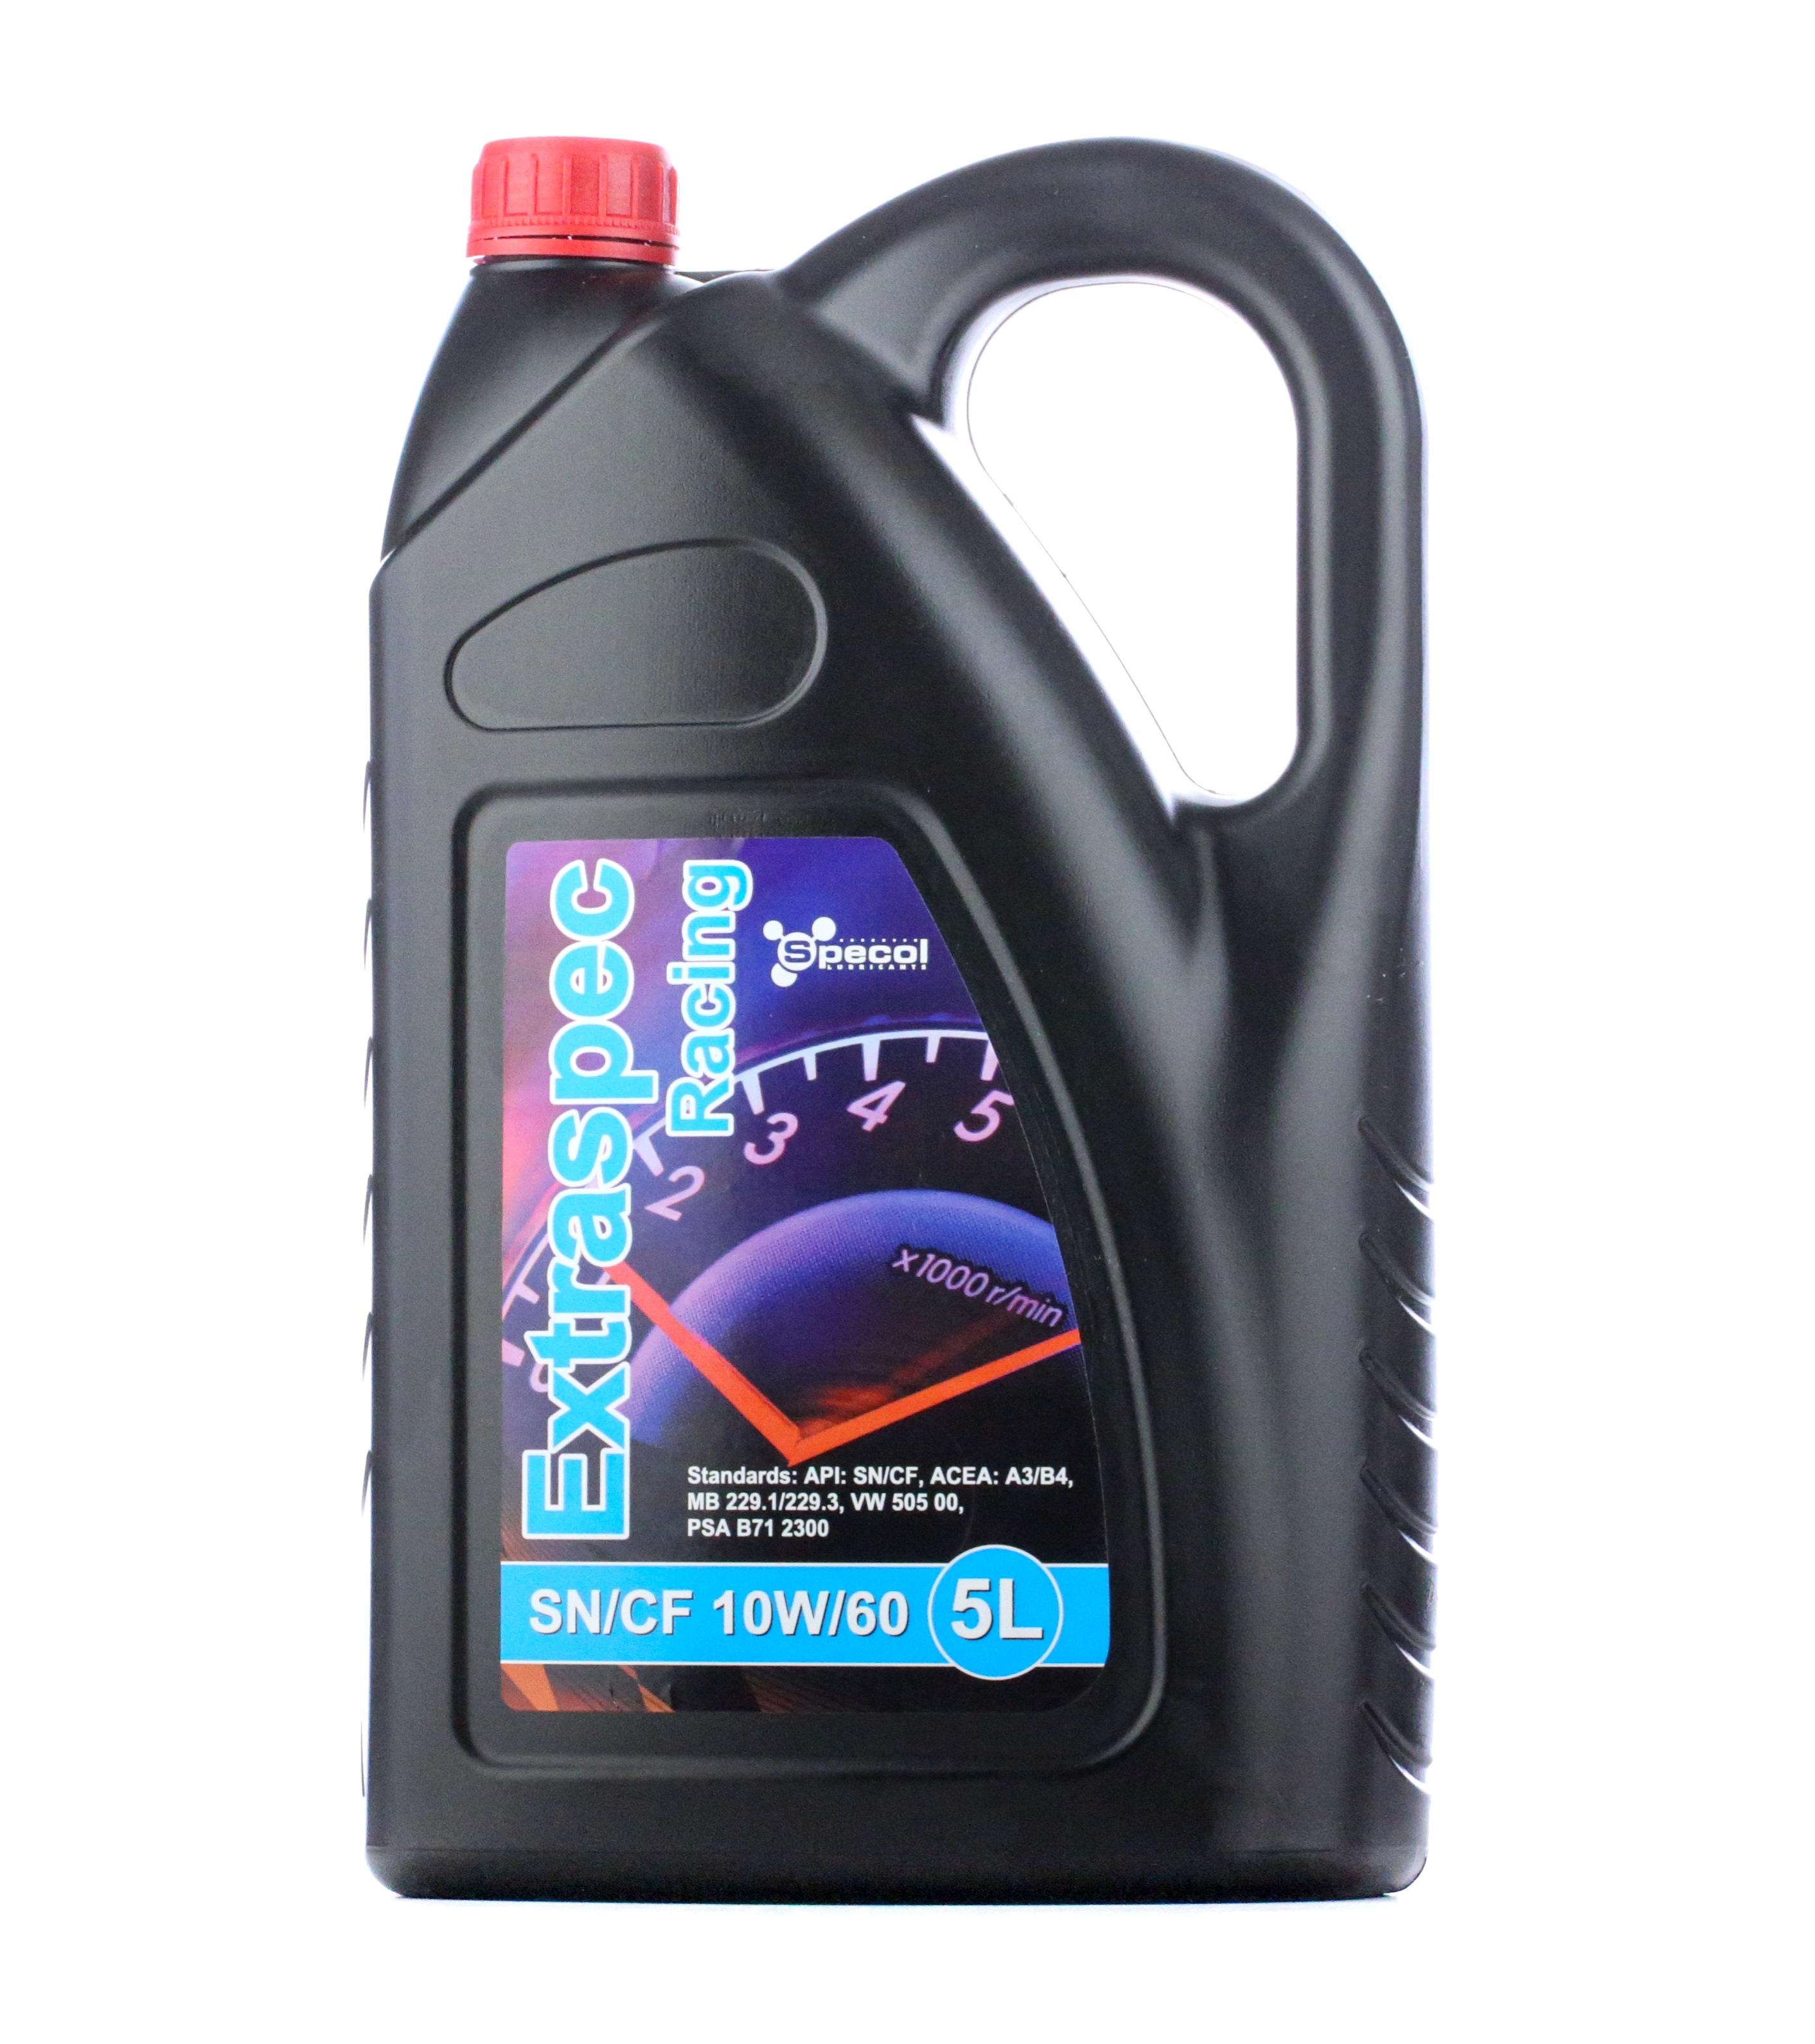 Comprare 100883 SPECOL Extraspec, Racing 10W-60, 5l Olio motore 100883 poco costoso